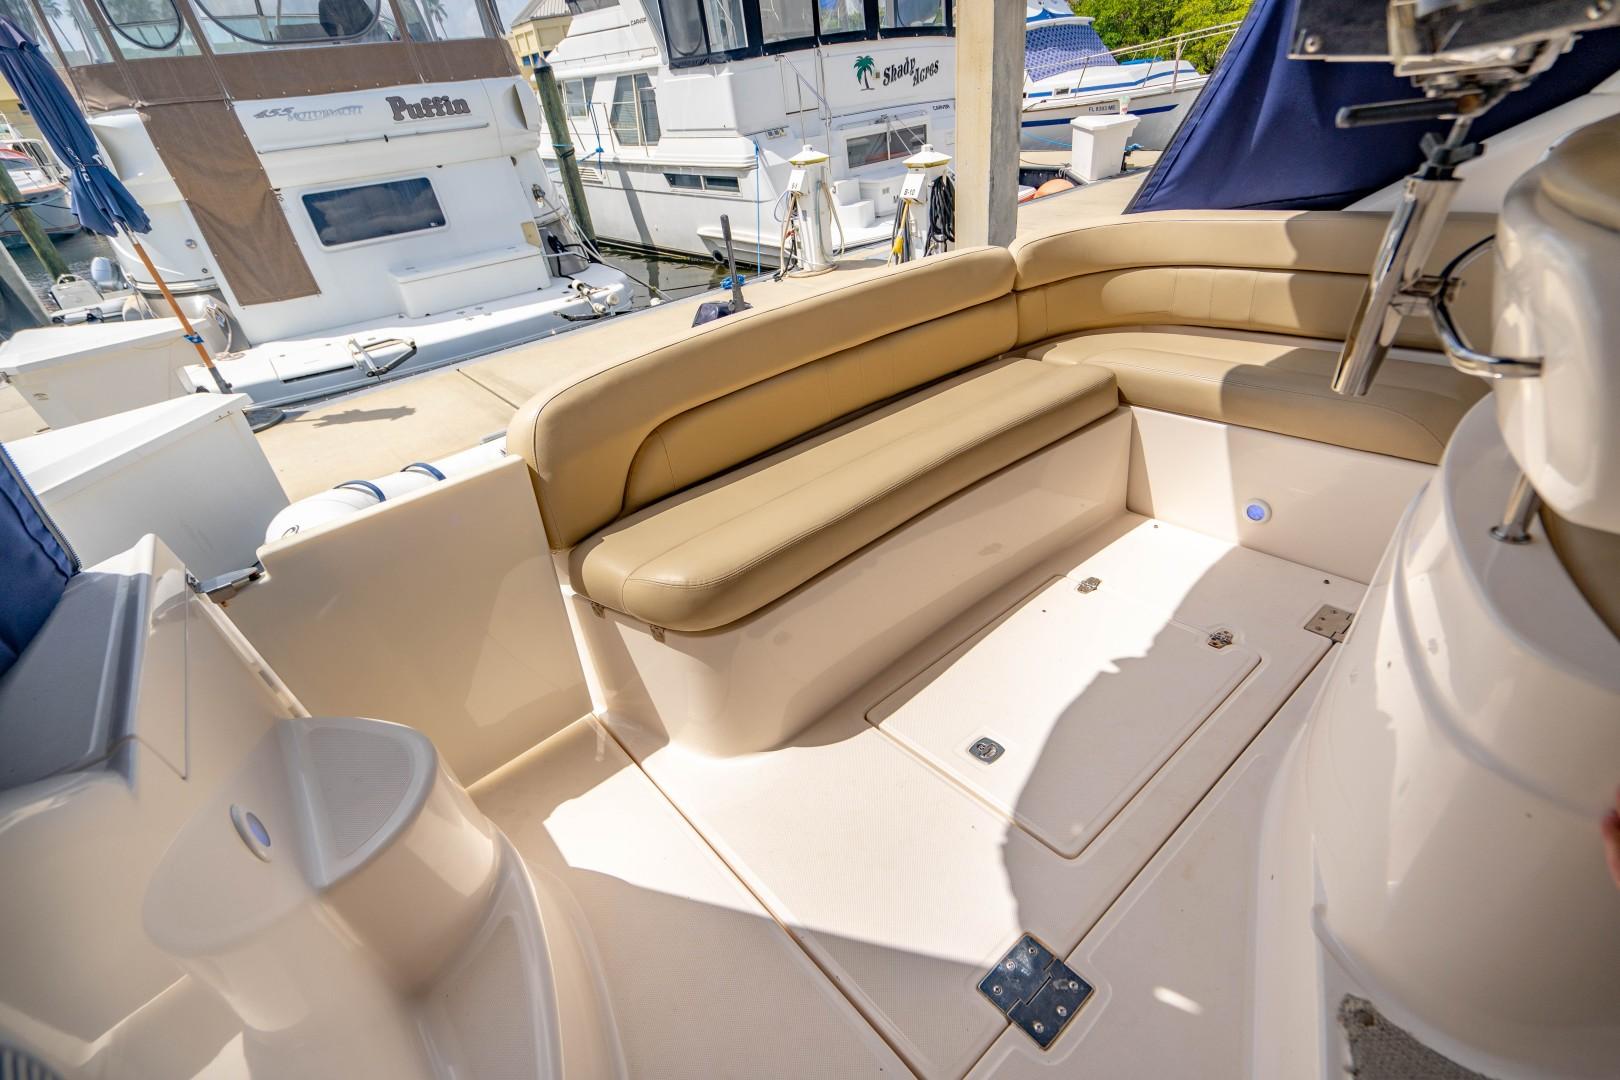 Regal 38 - Half Time - Cockpit Seating